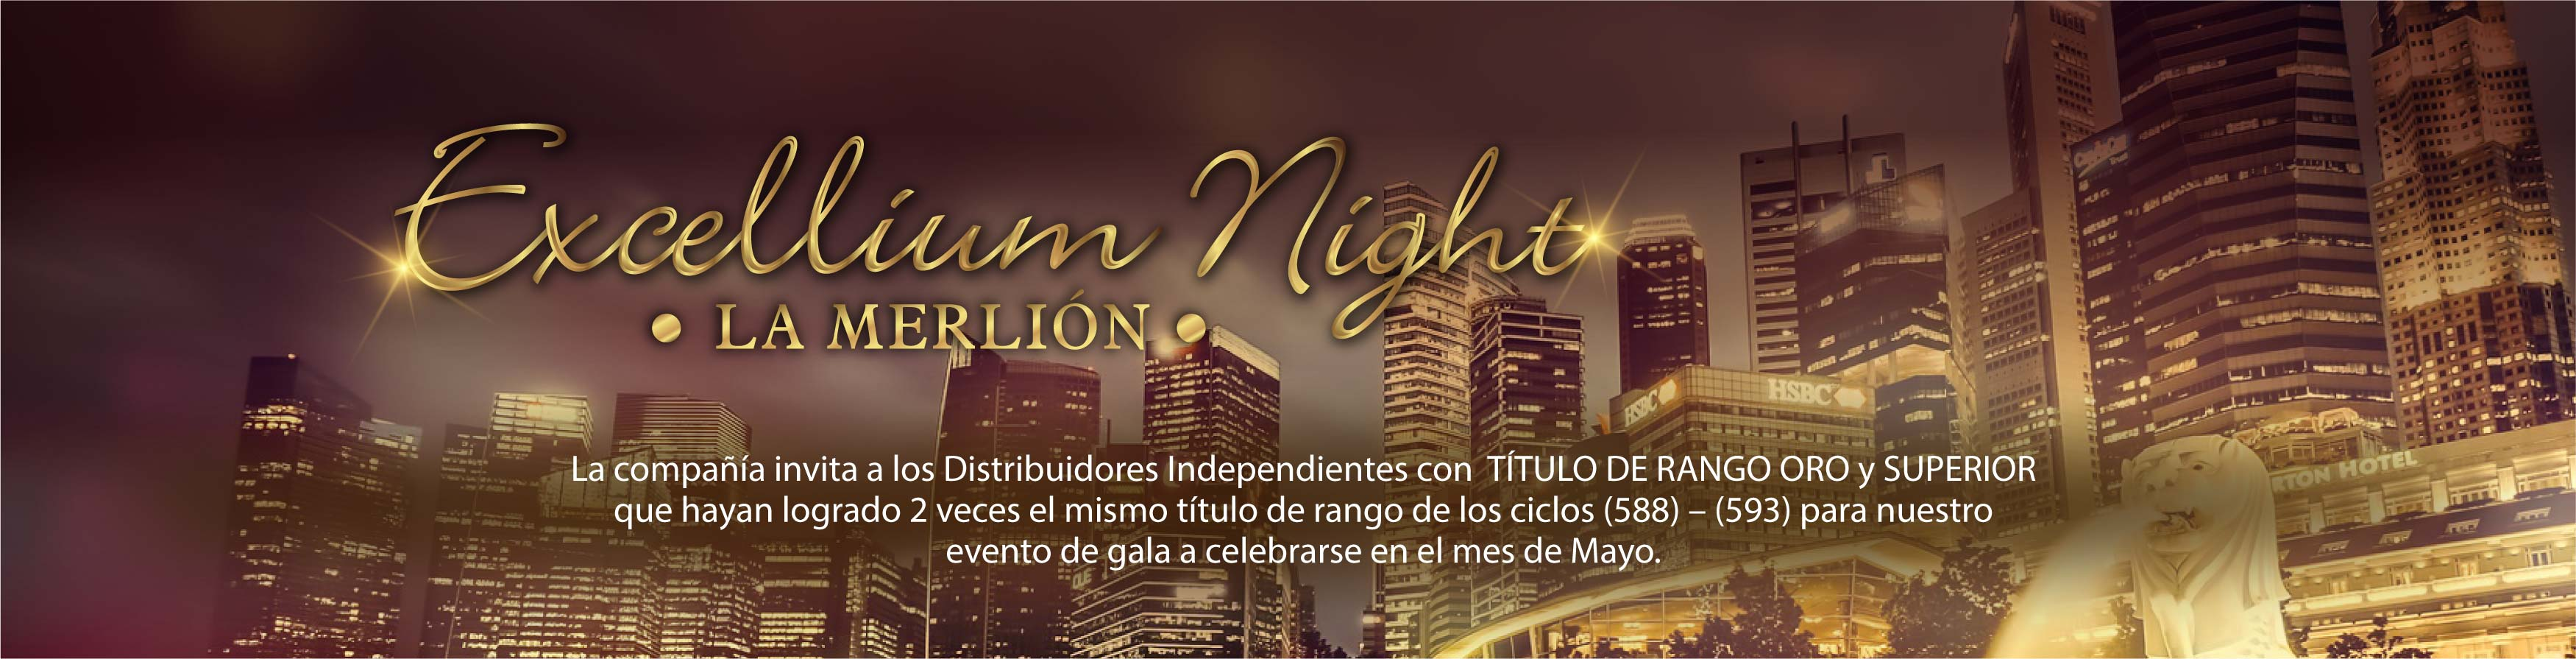 Web-Excellium-Night